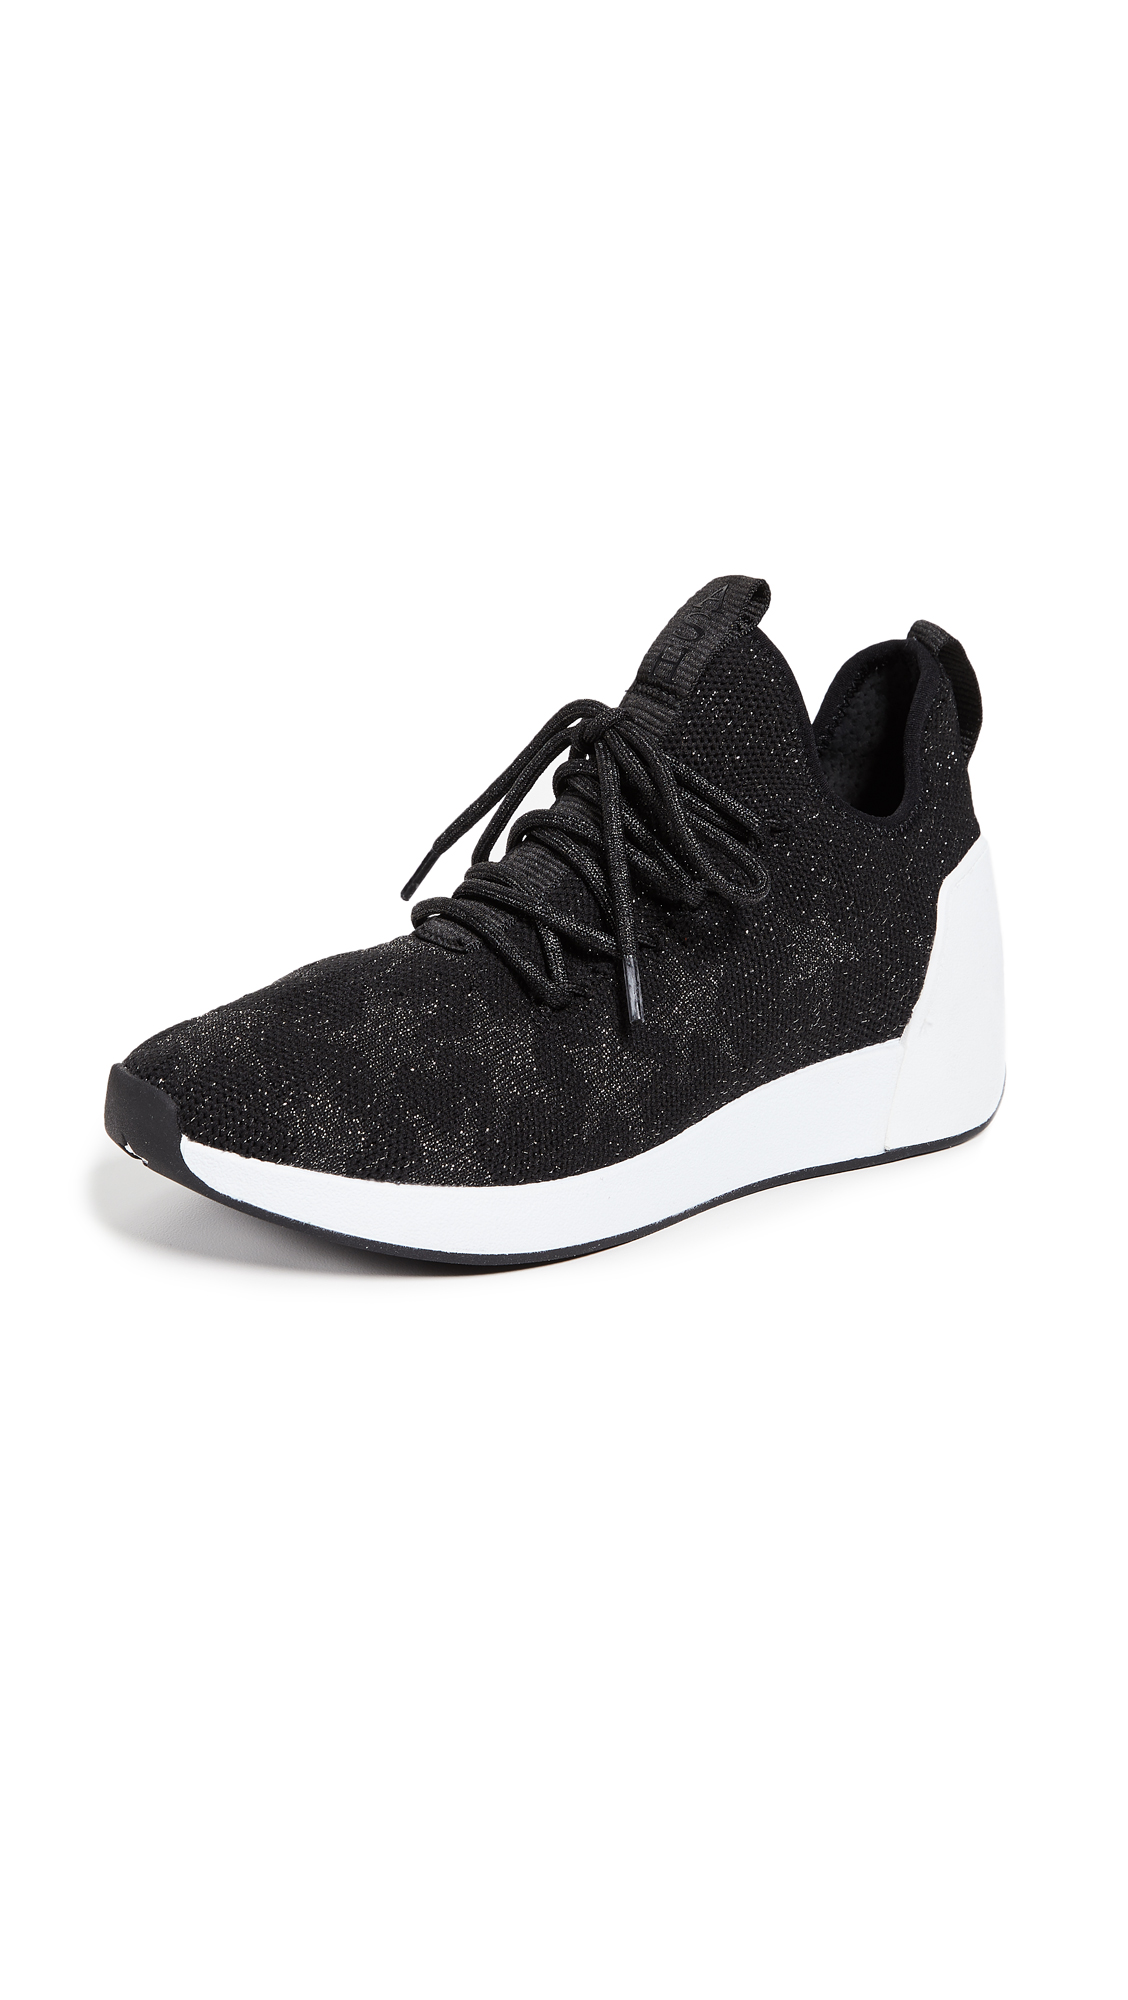 Ash Jaguar Sneakers - Black/Silver